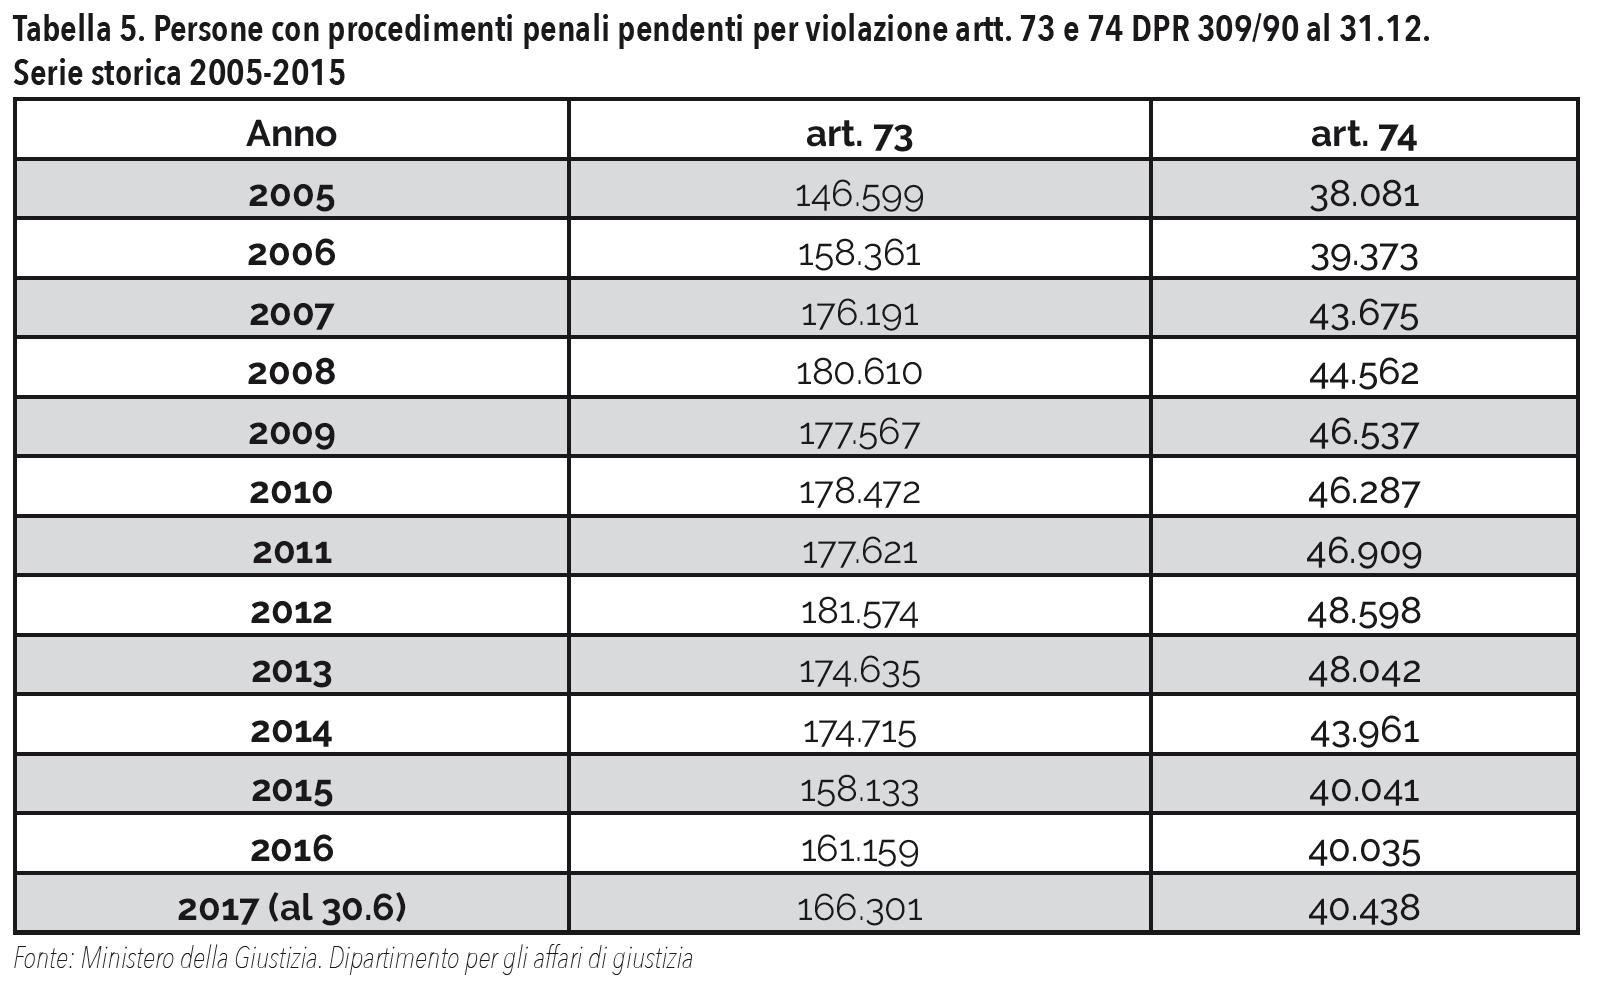 Tabella 5. Persone con procedimenti penali pendenti per violazione artt. 73 e 74 DPR 309/90 al 31.12. Serie storica 2005-2015